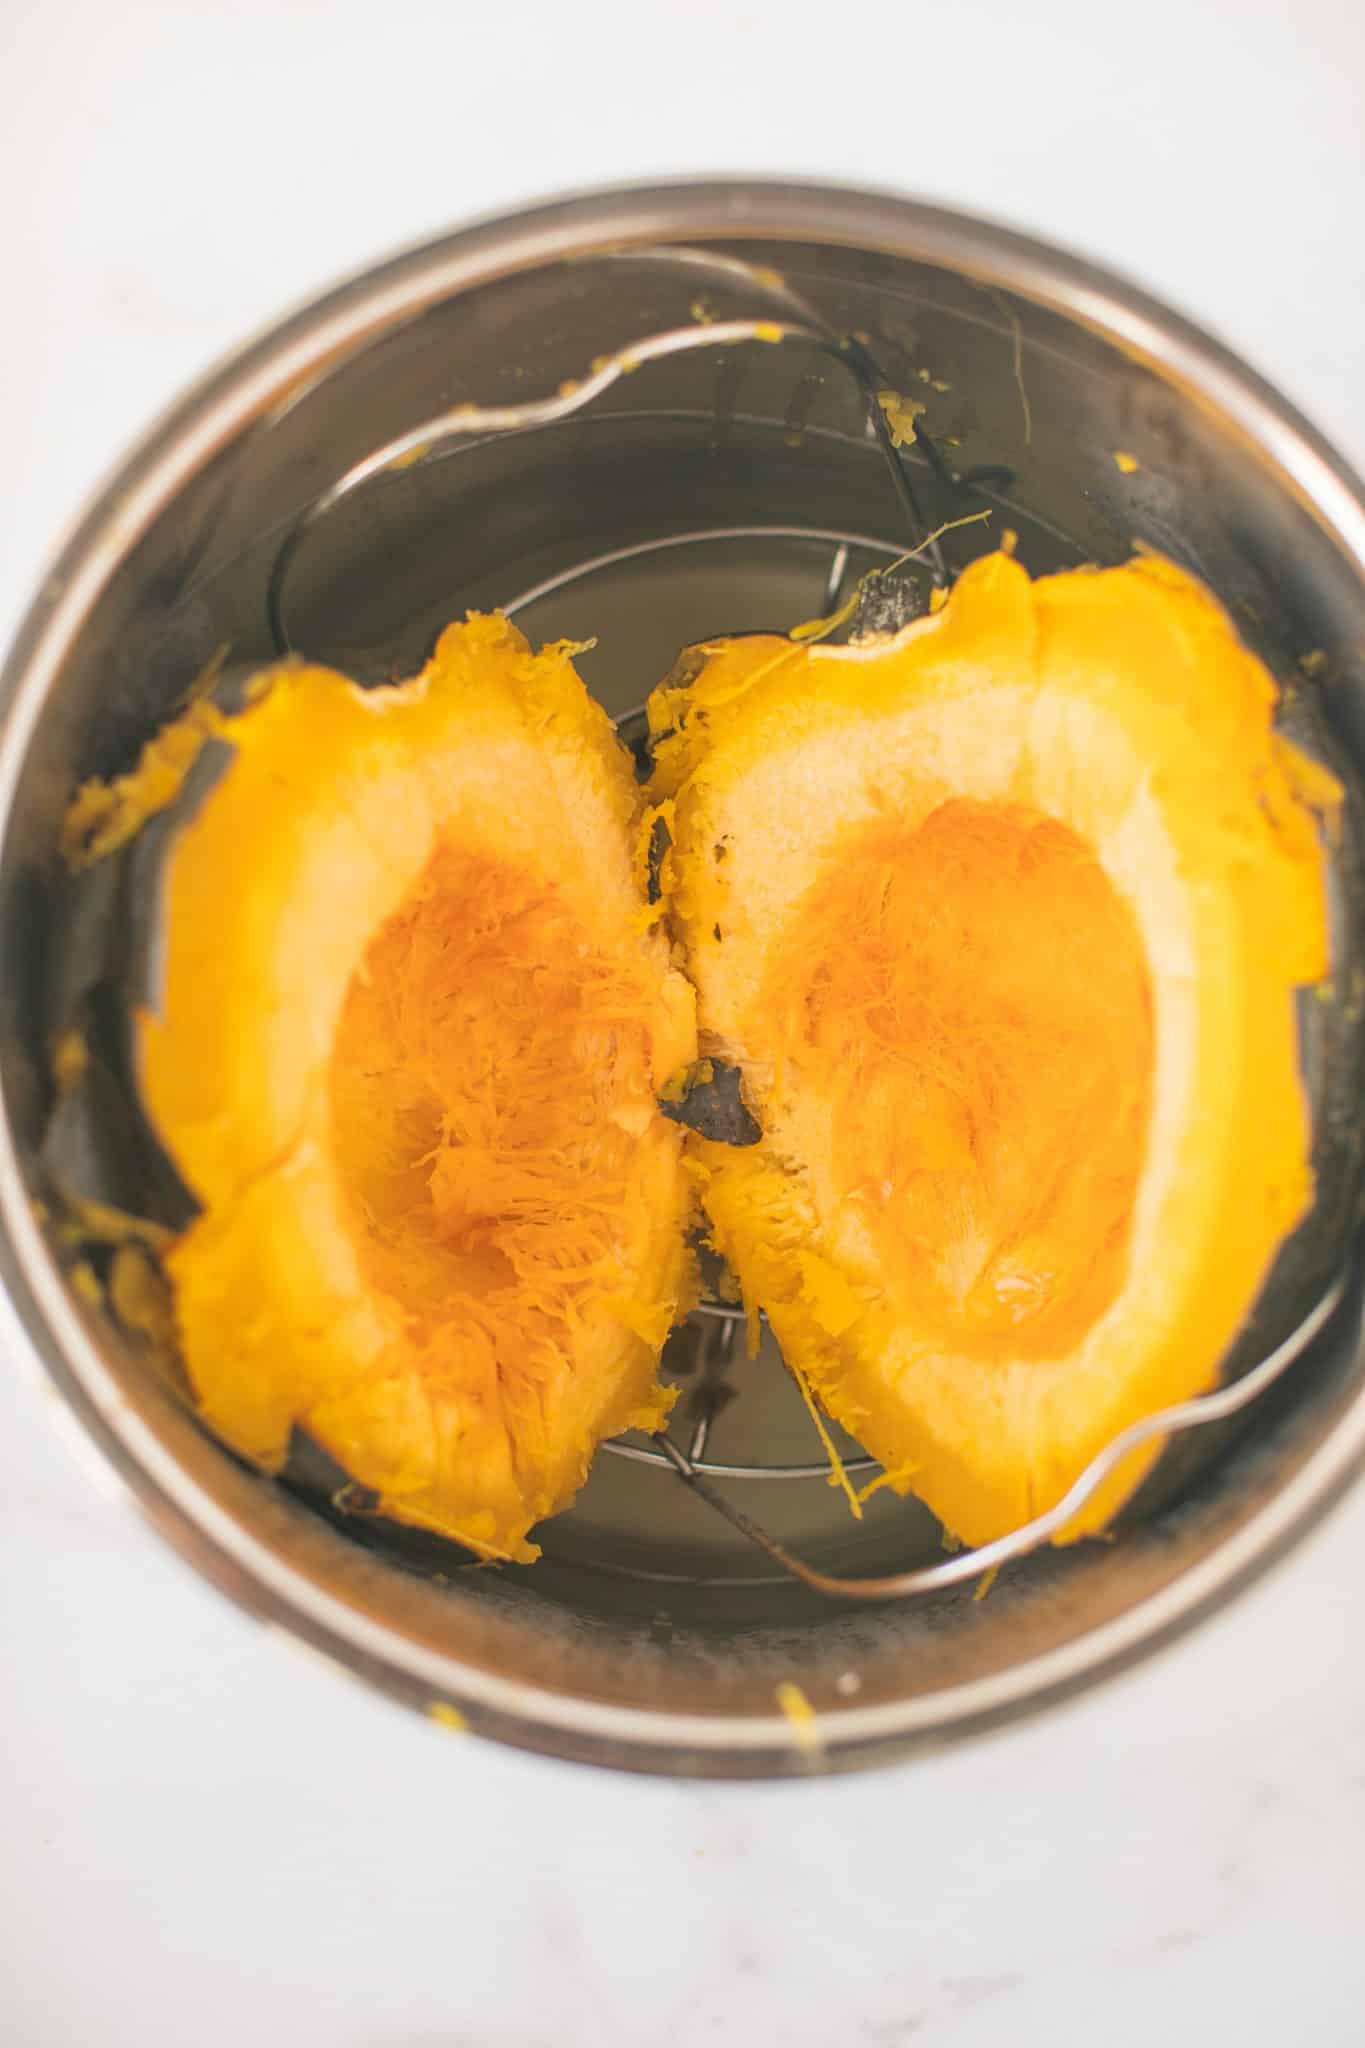 acorn squash cut in half in an instant pot pressure cooker